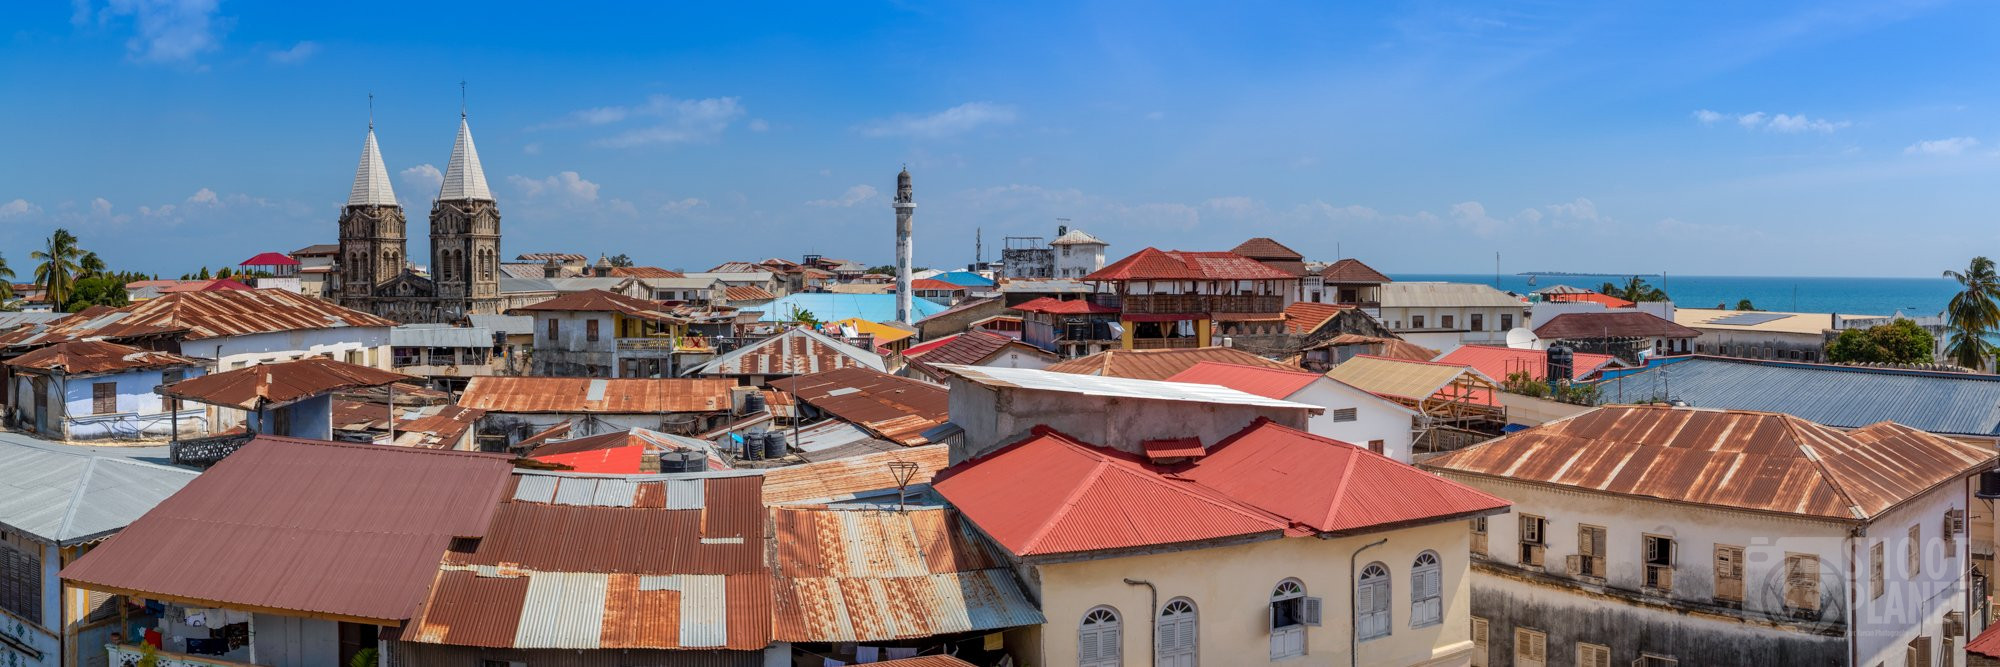 Stone town skyline Zanzibar city, Tanzania